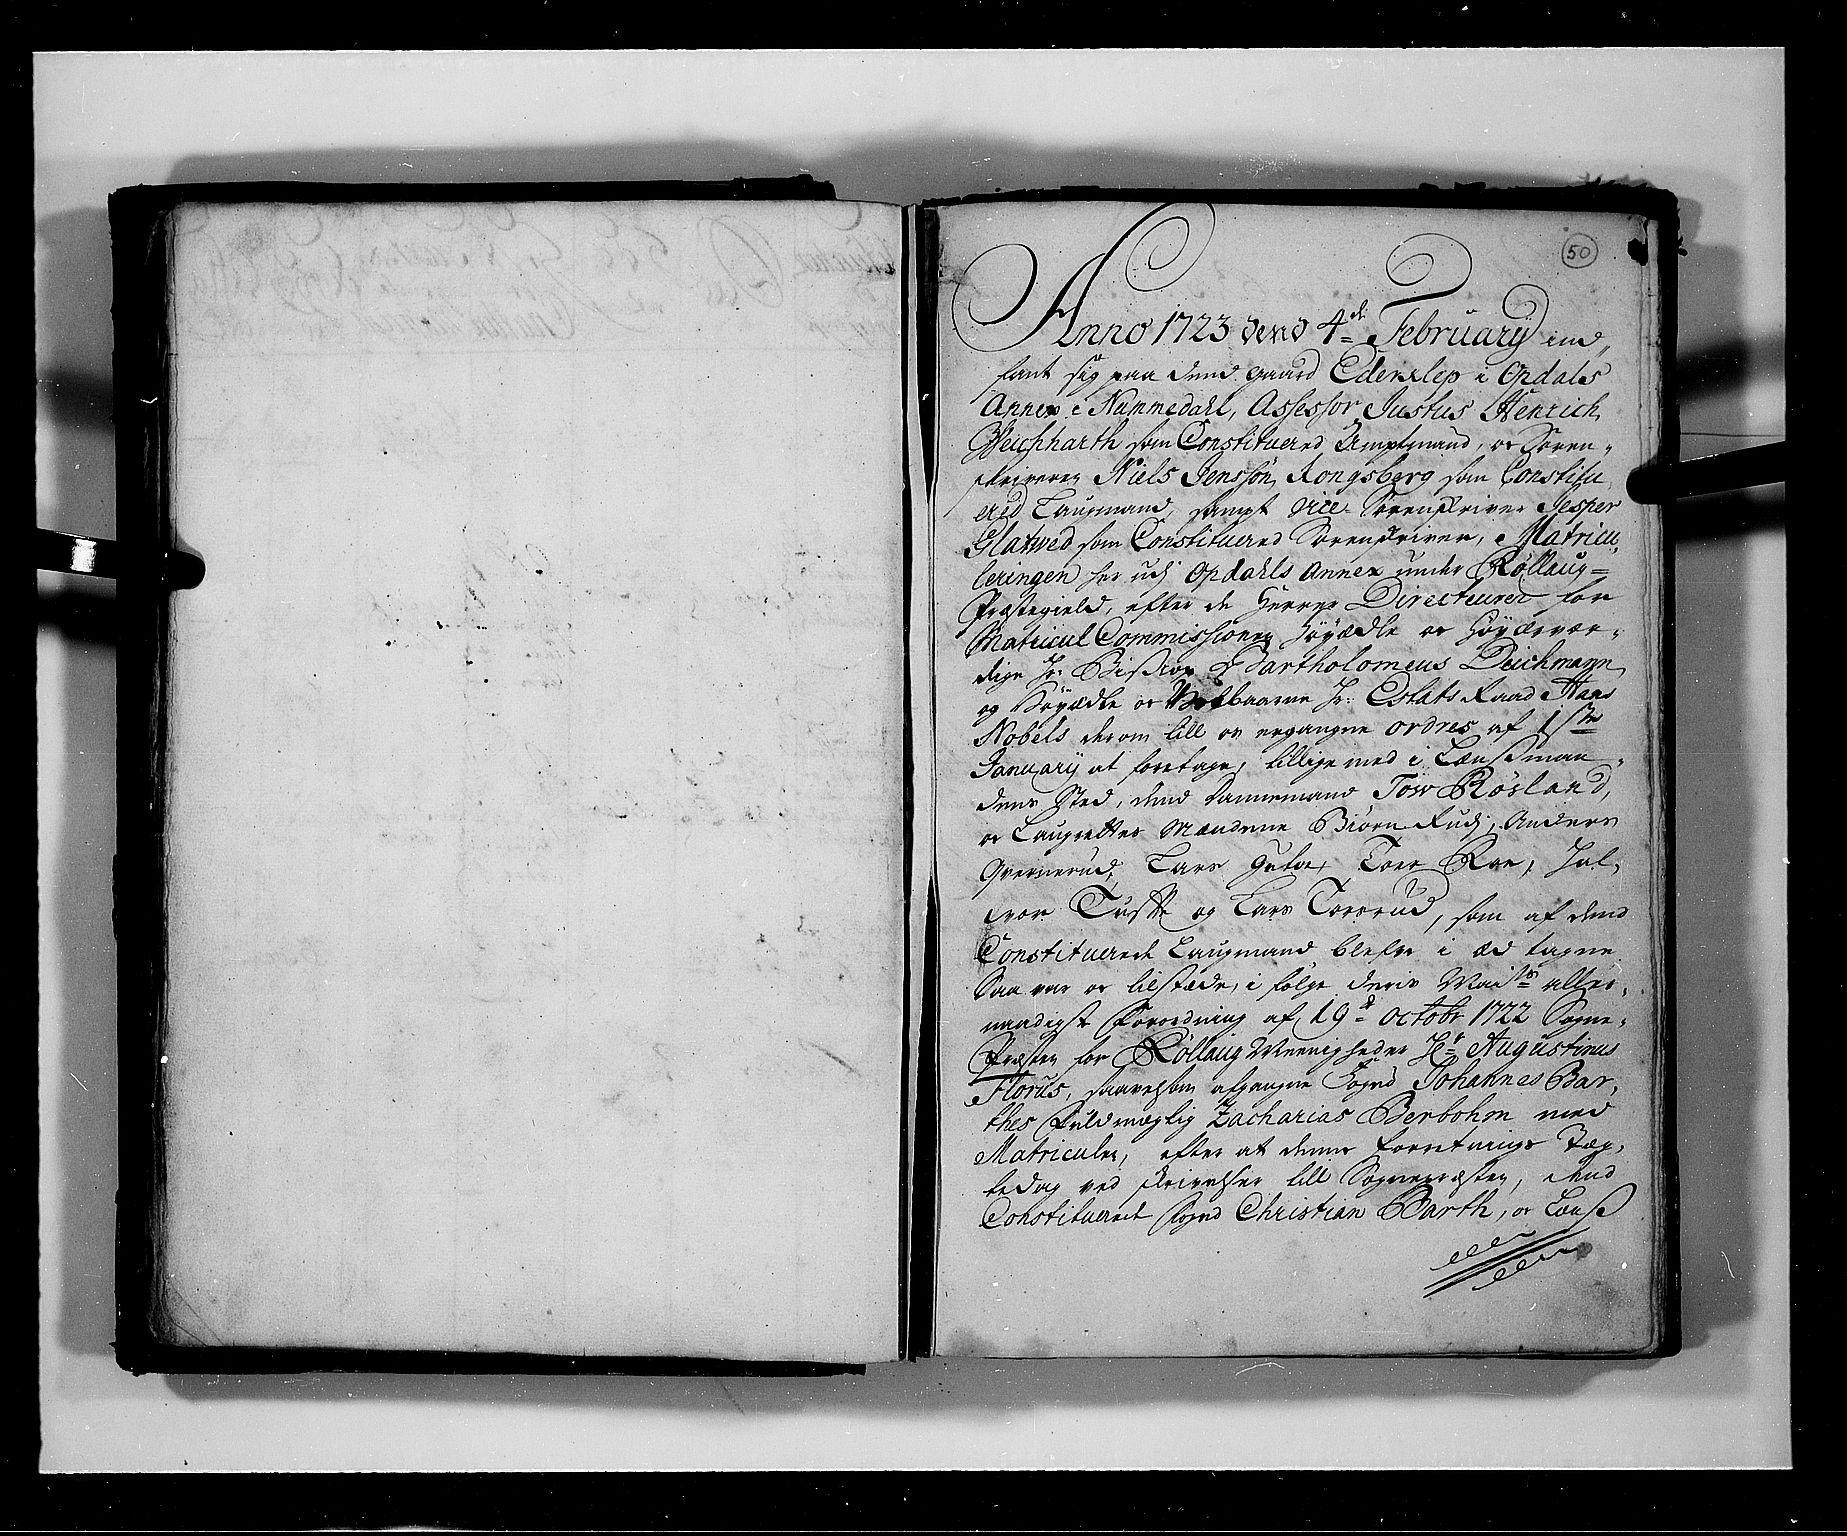 RA, Rentekammeret inntil 1814, Realistisk ordnet avdeling, N/Nb/Nbf/L0113: Numedal og Sandsvær eksaminasjonsprotokoll, 1723, s. 49b-50a